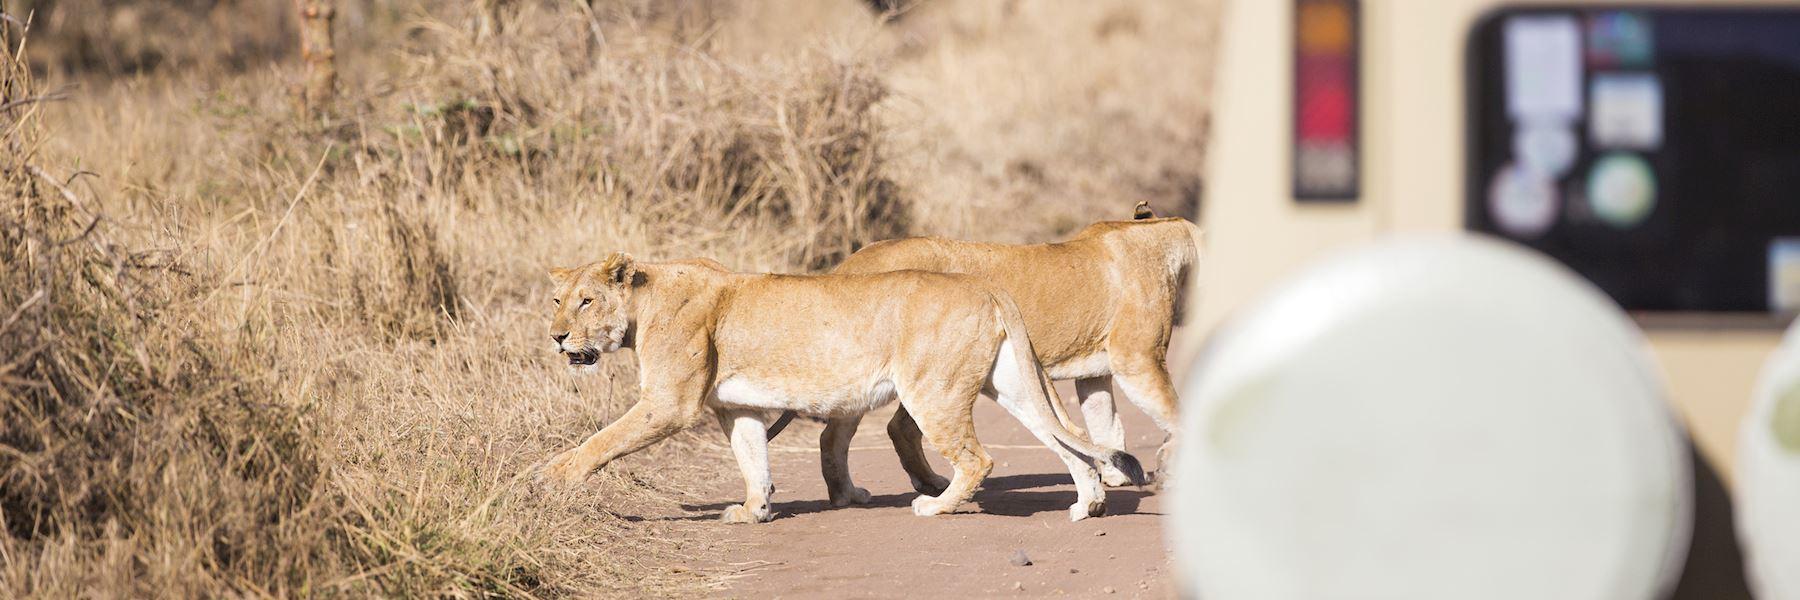 Visit Selous Game Reserve, Tanzania